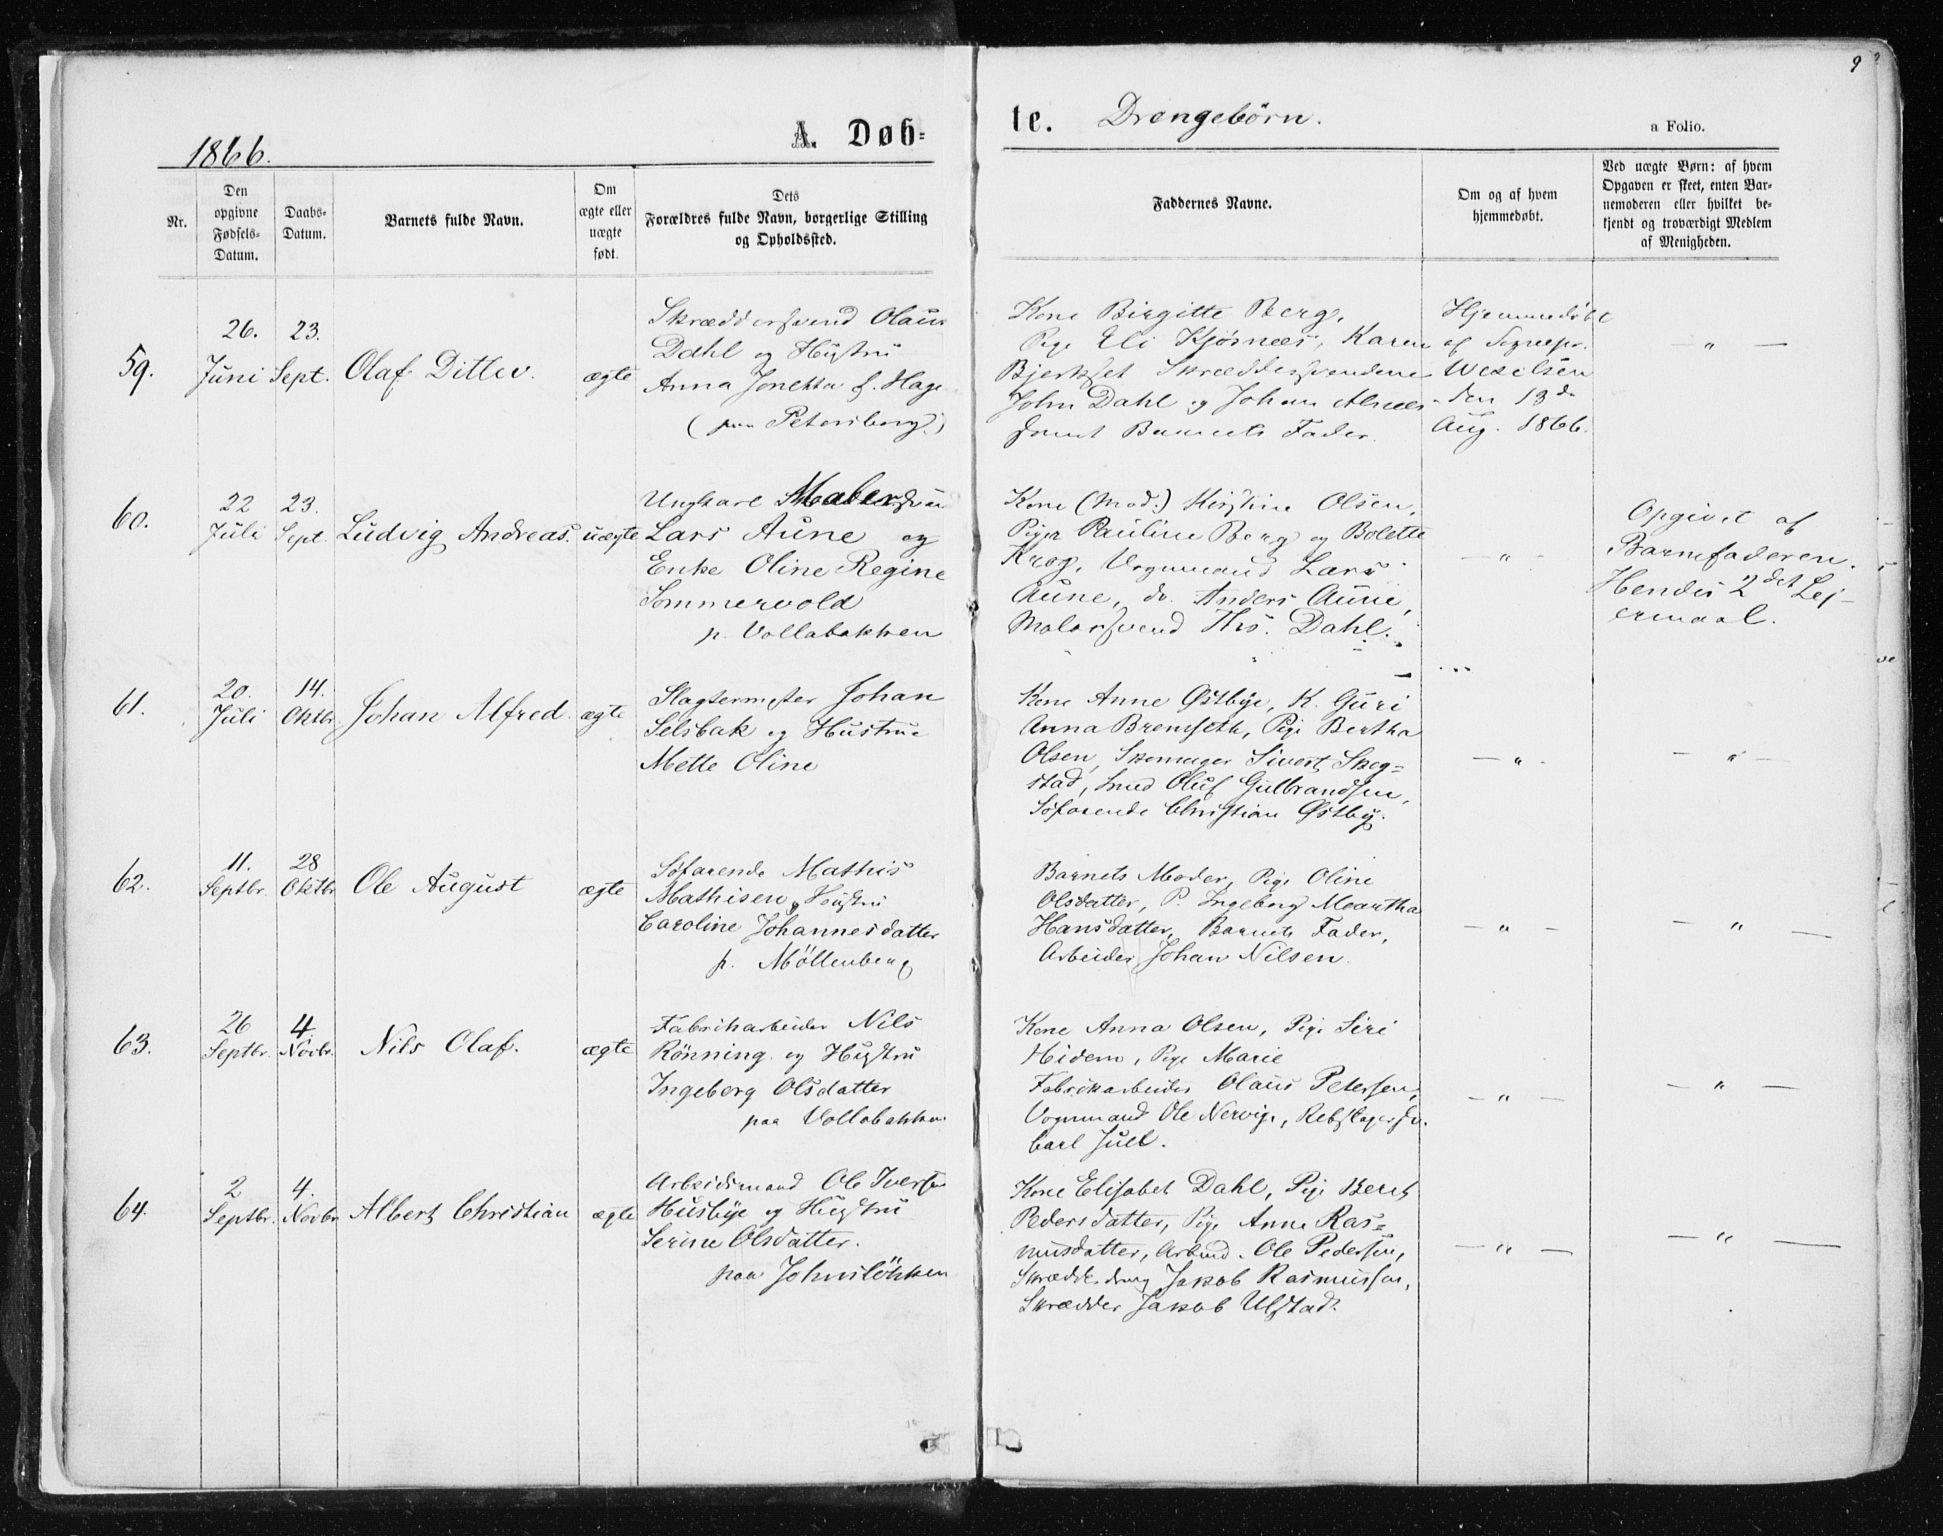 SAT, Ministerialprotokoller, klokkerbøker og fødselsregistre - Sør-Trøndelag, 604/L0186: Ministerialbok nr. 604A07, 1866-1877, s. 9